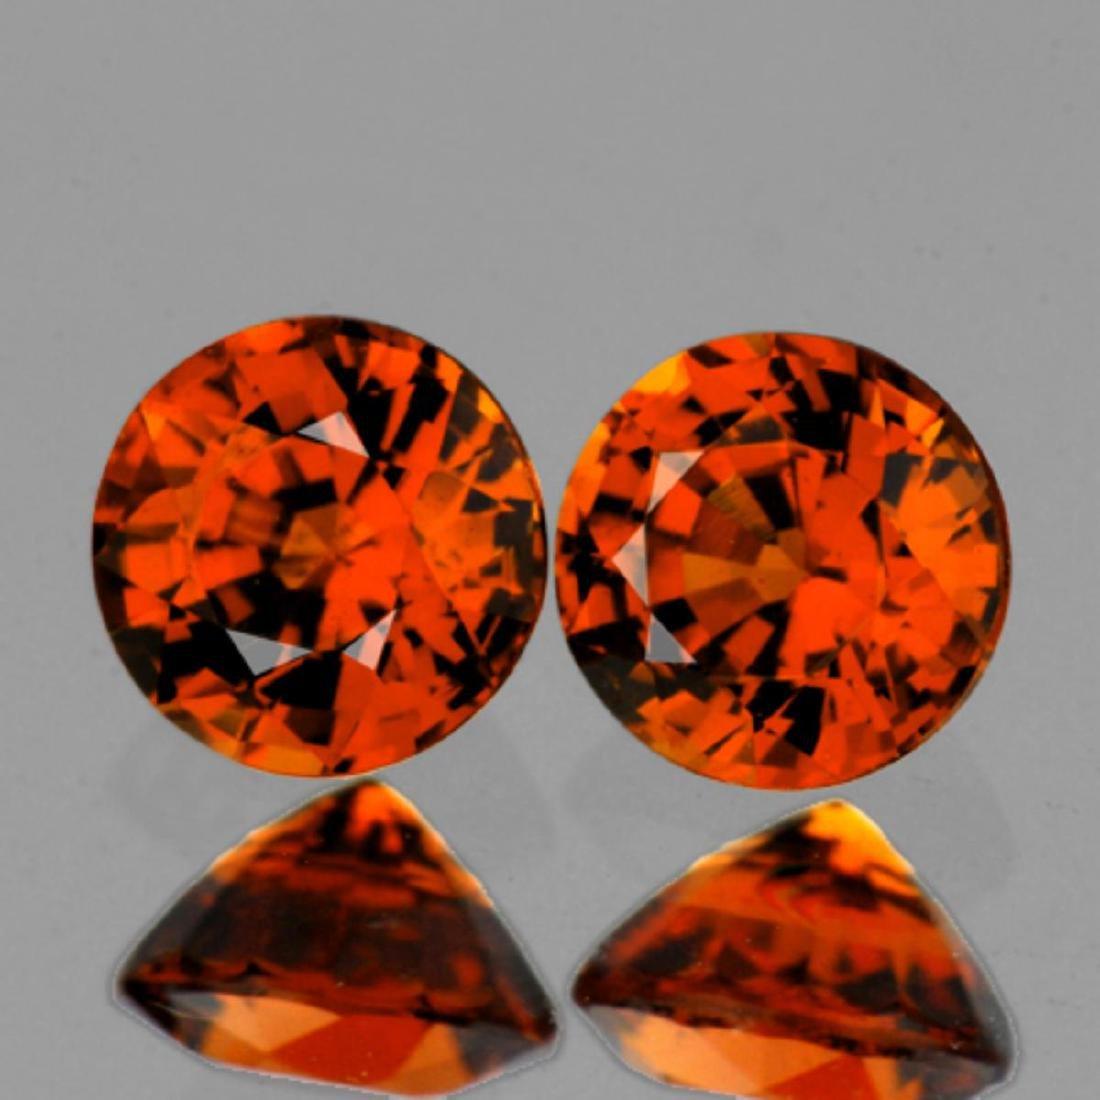 Natural Mandarin Orange Spessartite Garnet Pair - FL